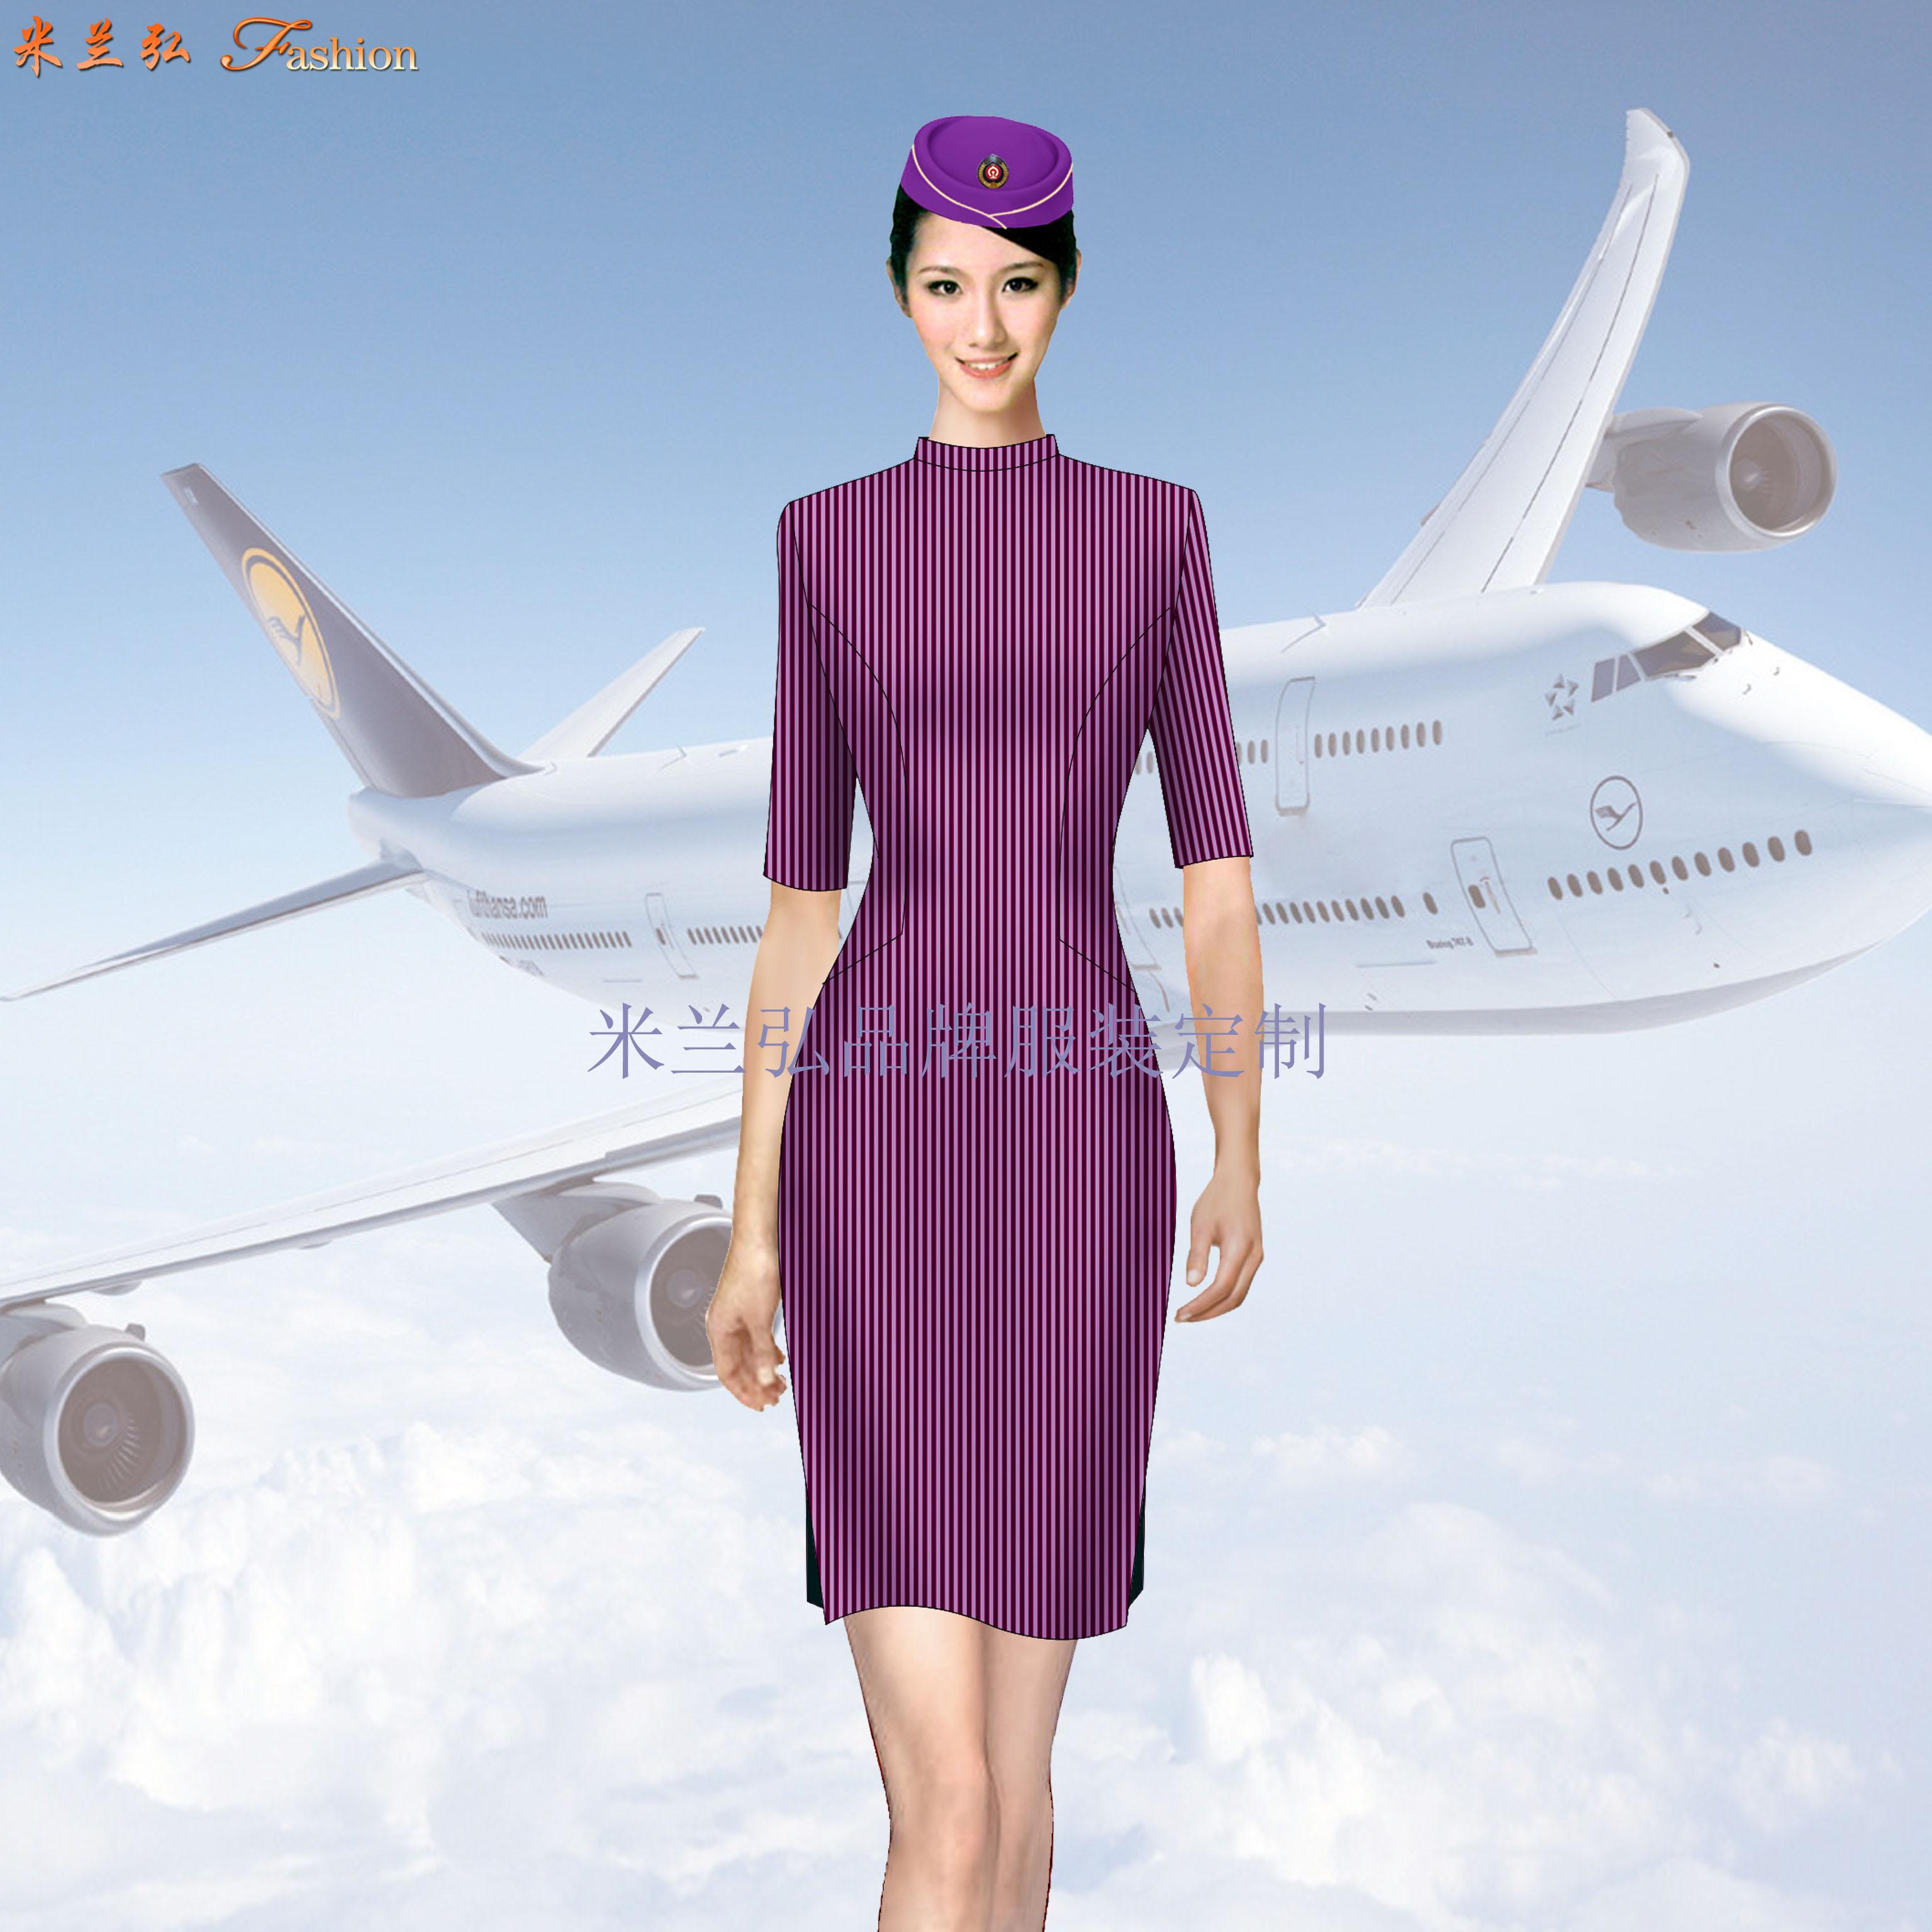 空姐制服連衣裙夏季時尚新款空姐職業裝-米蘭弘廠家-2